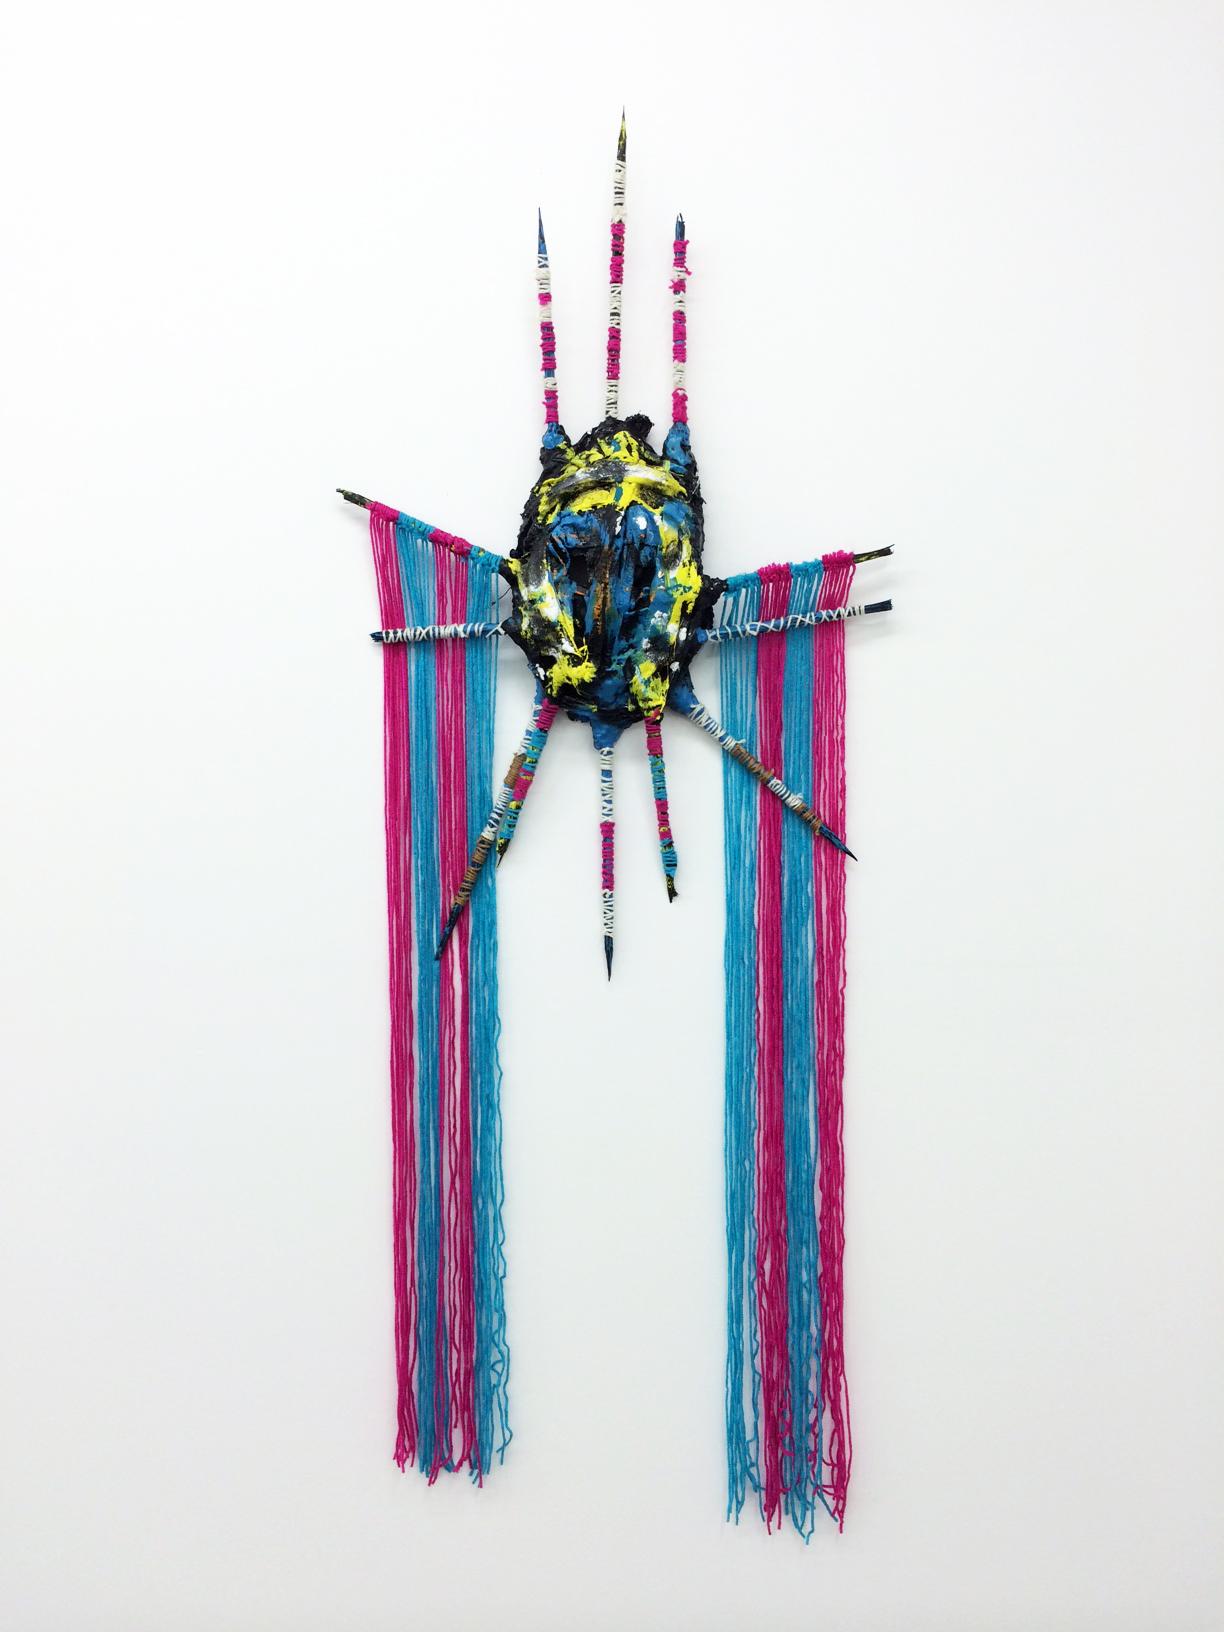 Adam D. Miller, Gunner Mask, 2014 plaster, canvas, wood, yarn, enamel and oil